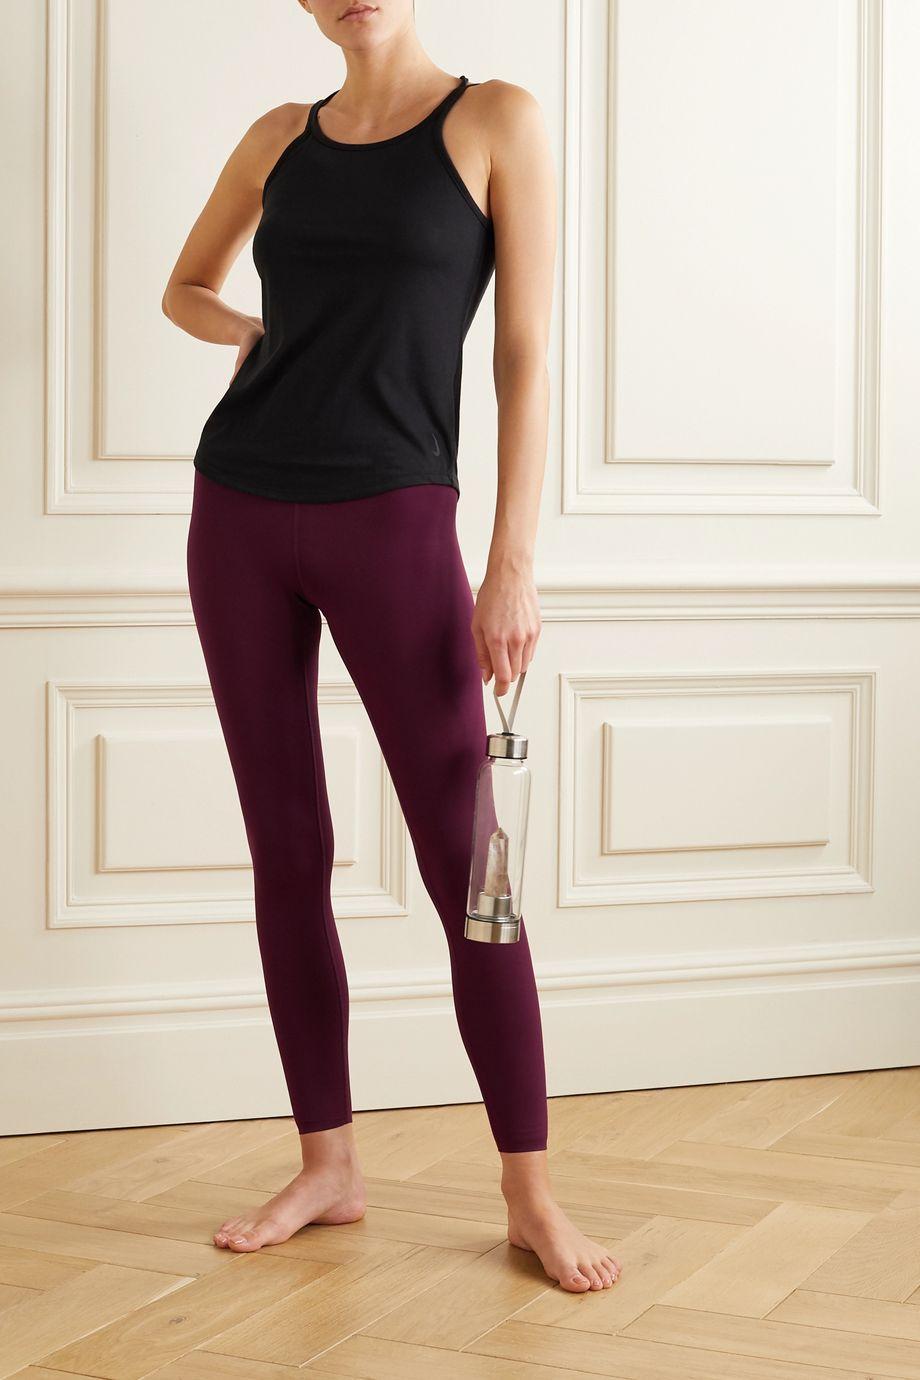 Nike Sculpt Lux Dri-FIT stretch leggings